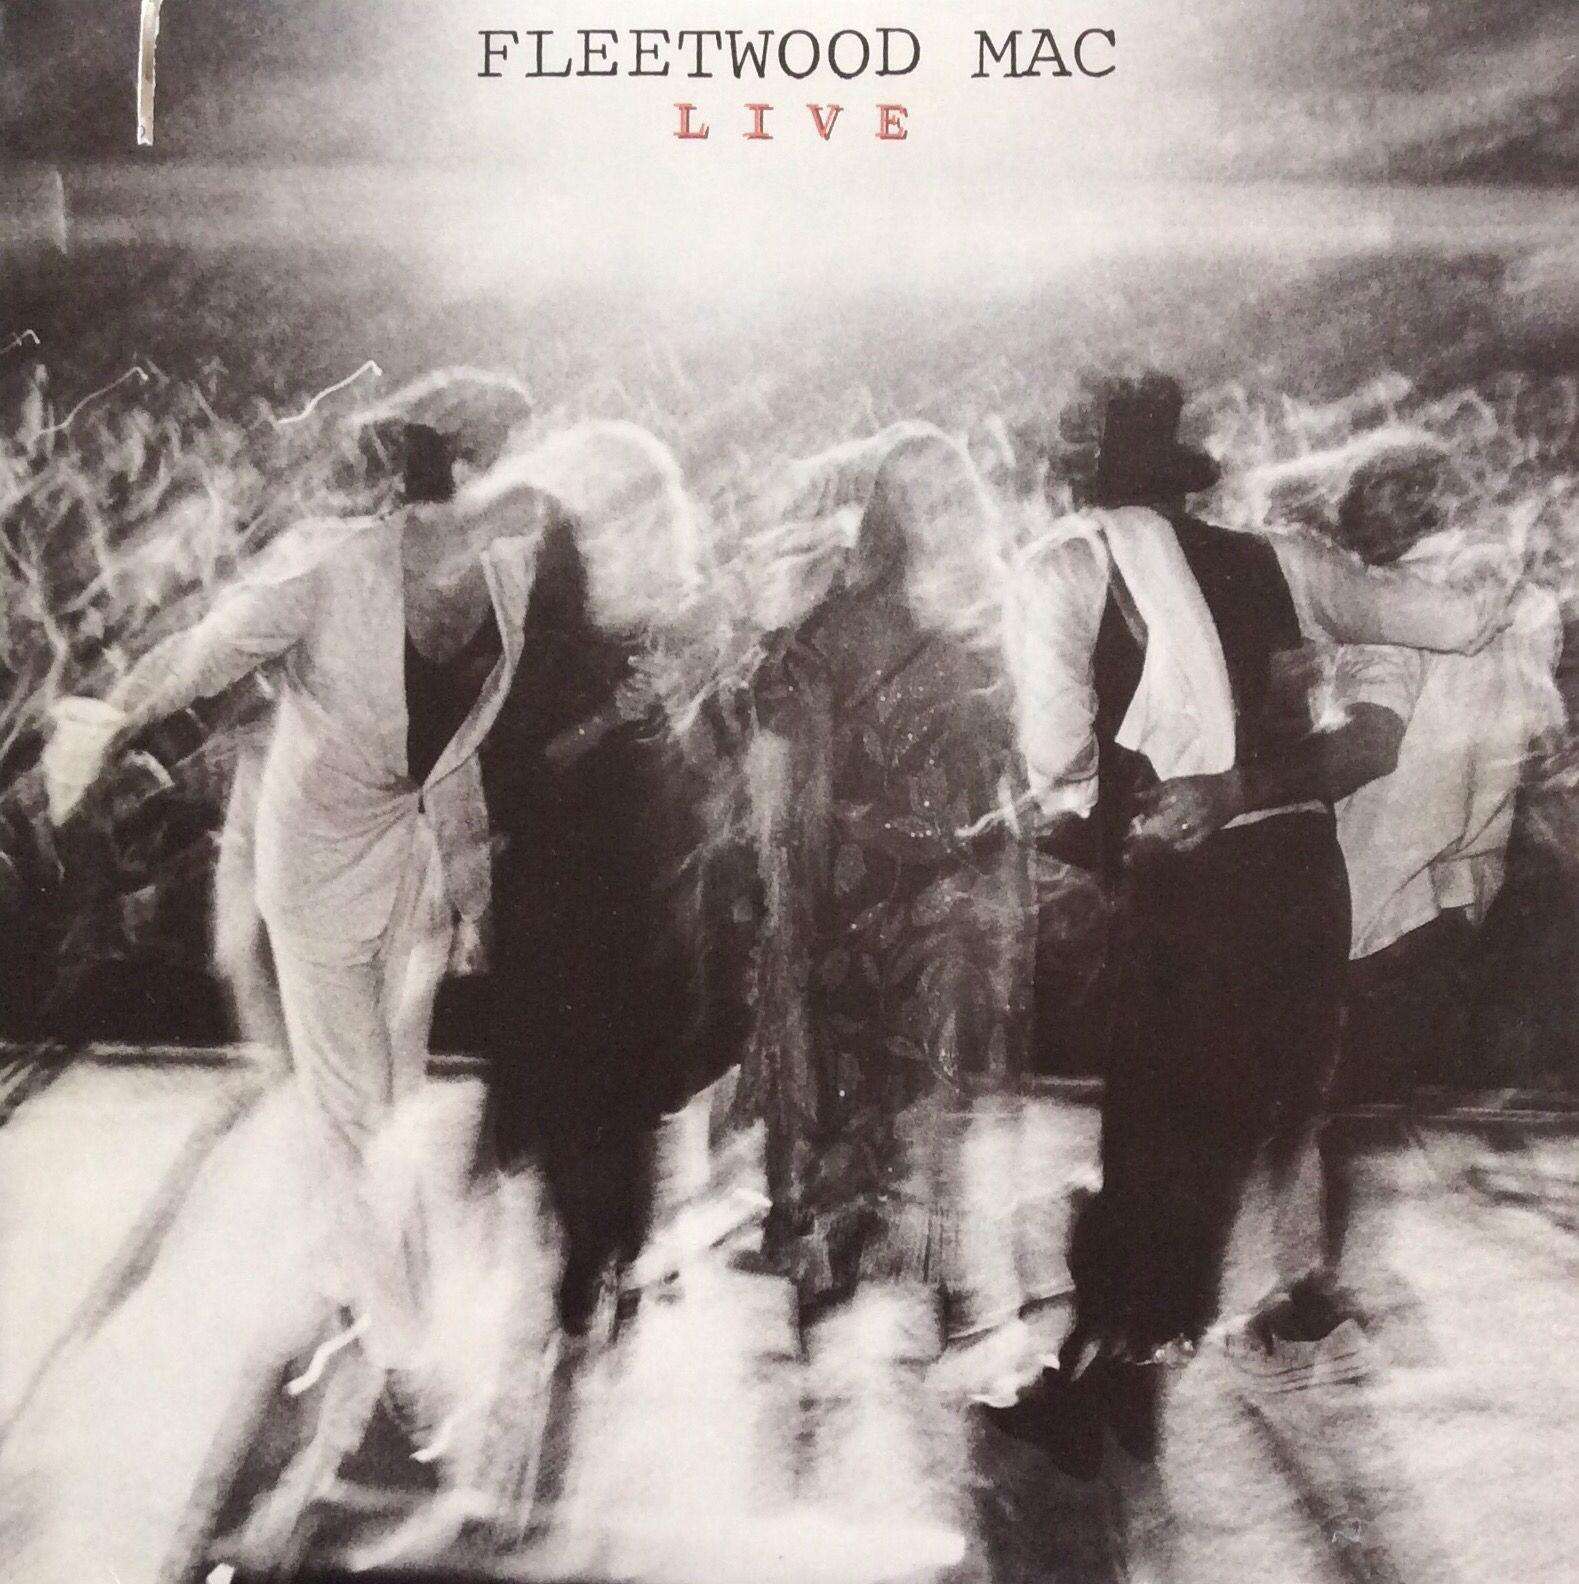 Fleetwood Mac/Live Warner Bros. Records 1980